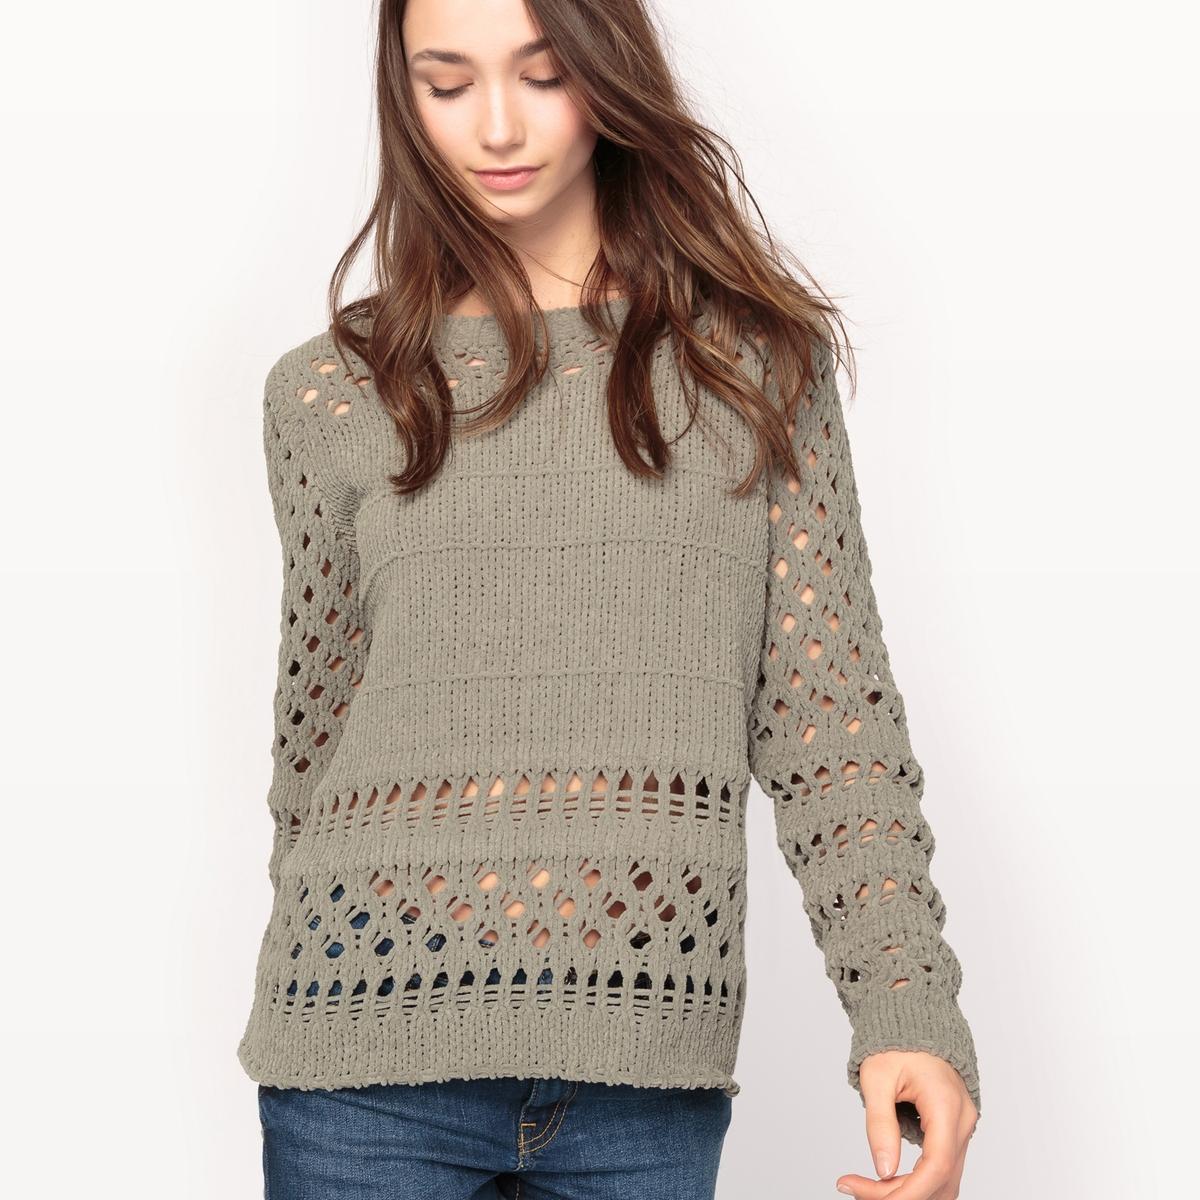 Пуловер из оригинального трикотажаДетали  •  Классическая модель •  Длинные рукава •  Воротник-стойка •  Плотный трикотажСостав и уход  •  100% полиэстер •  Следуйте рекомендациям по уходу, указанным на этикетке изделия<br><br>Цвет: хаки светлый<br>Размер: XS